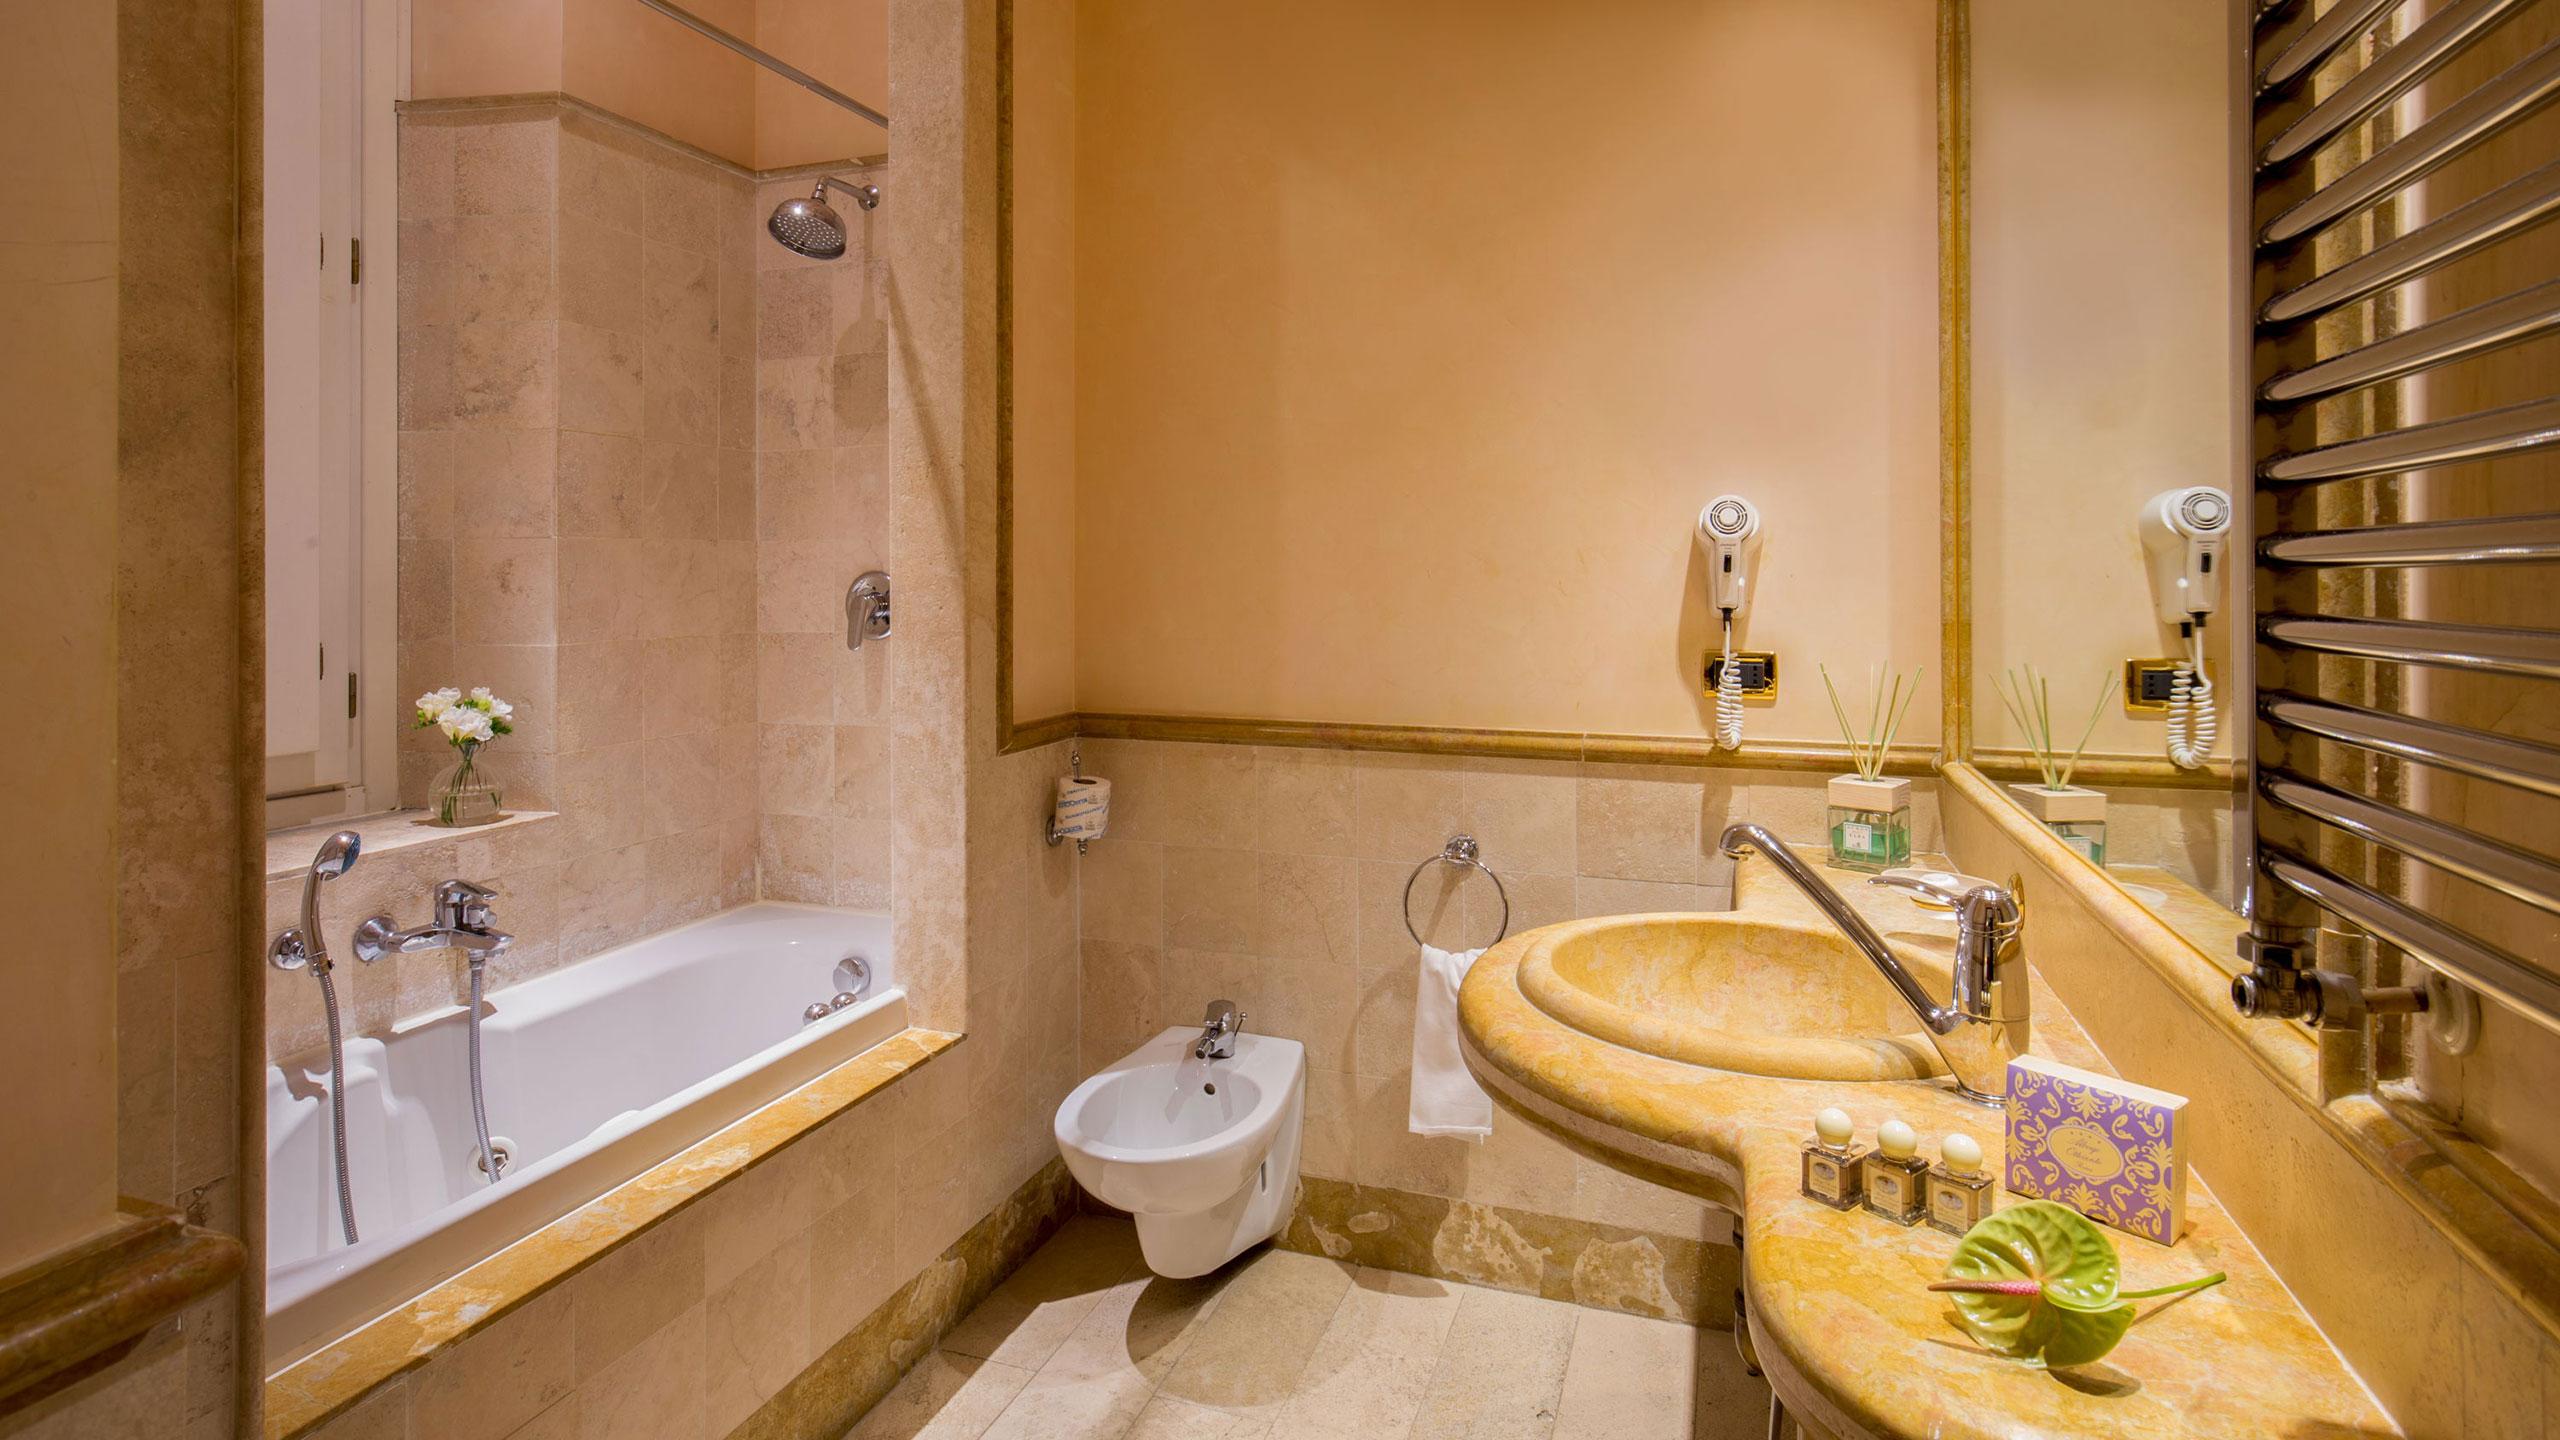 albergo-ottocento-roma-bagno-15